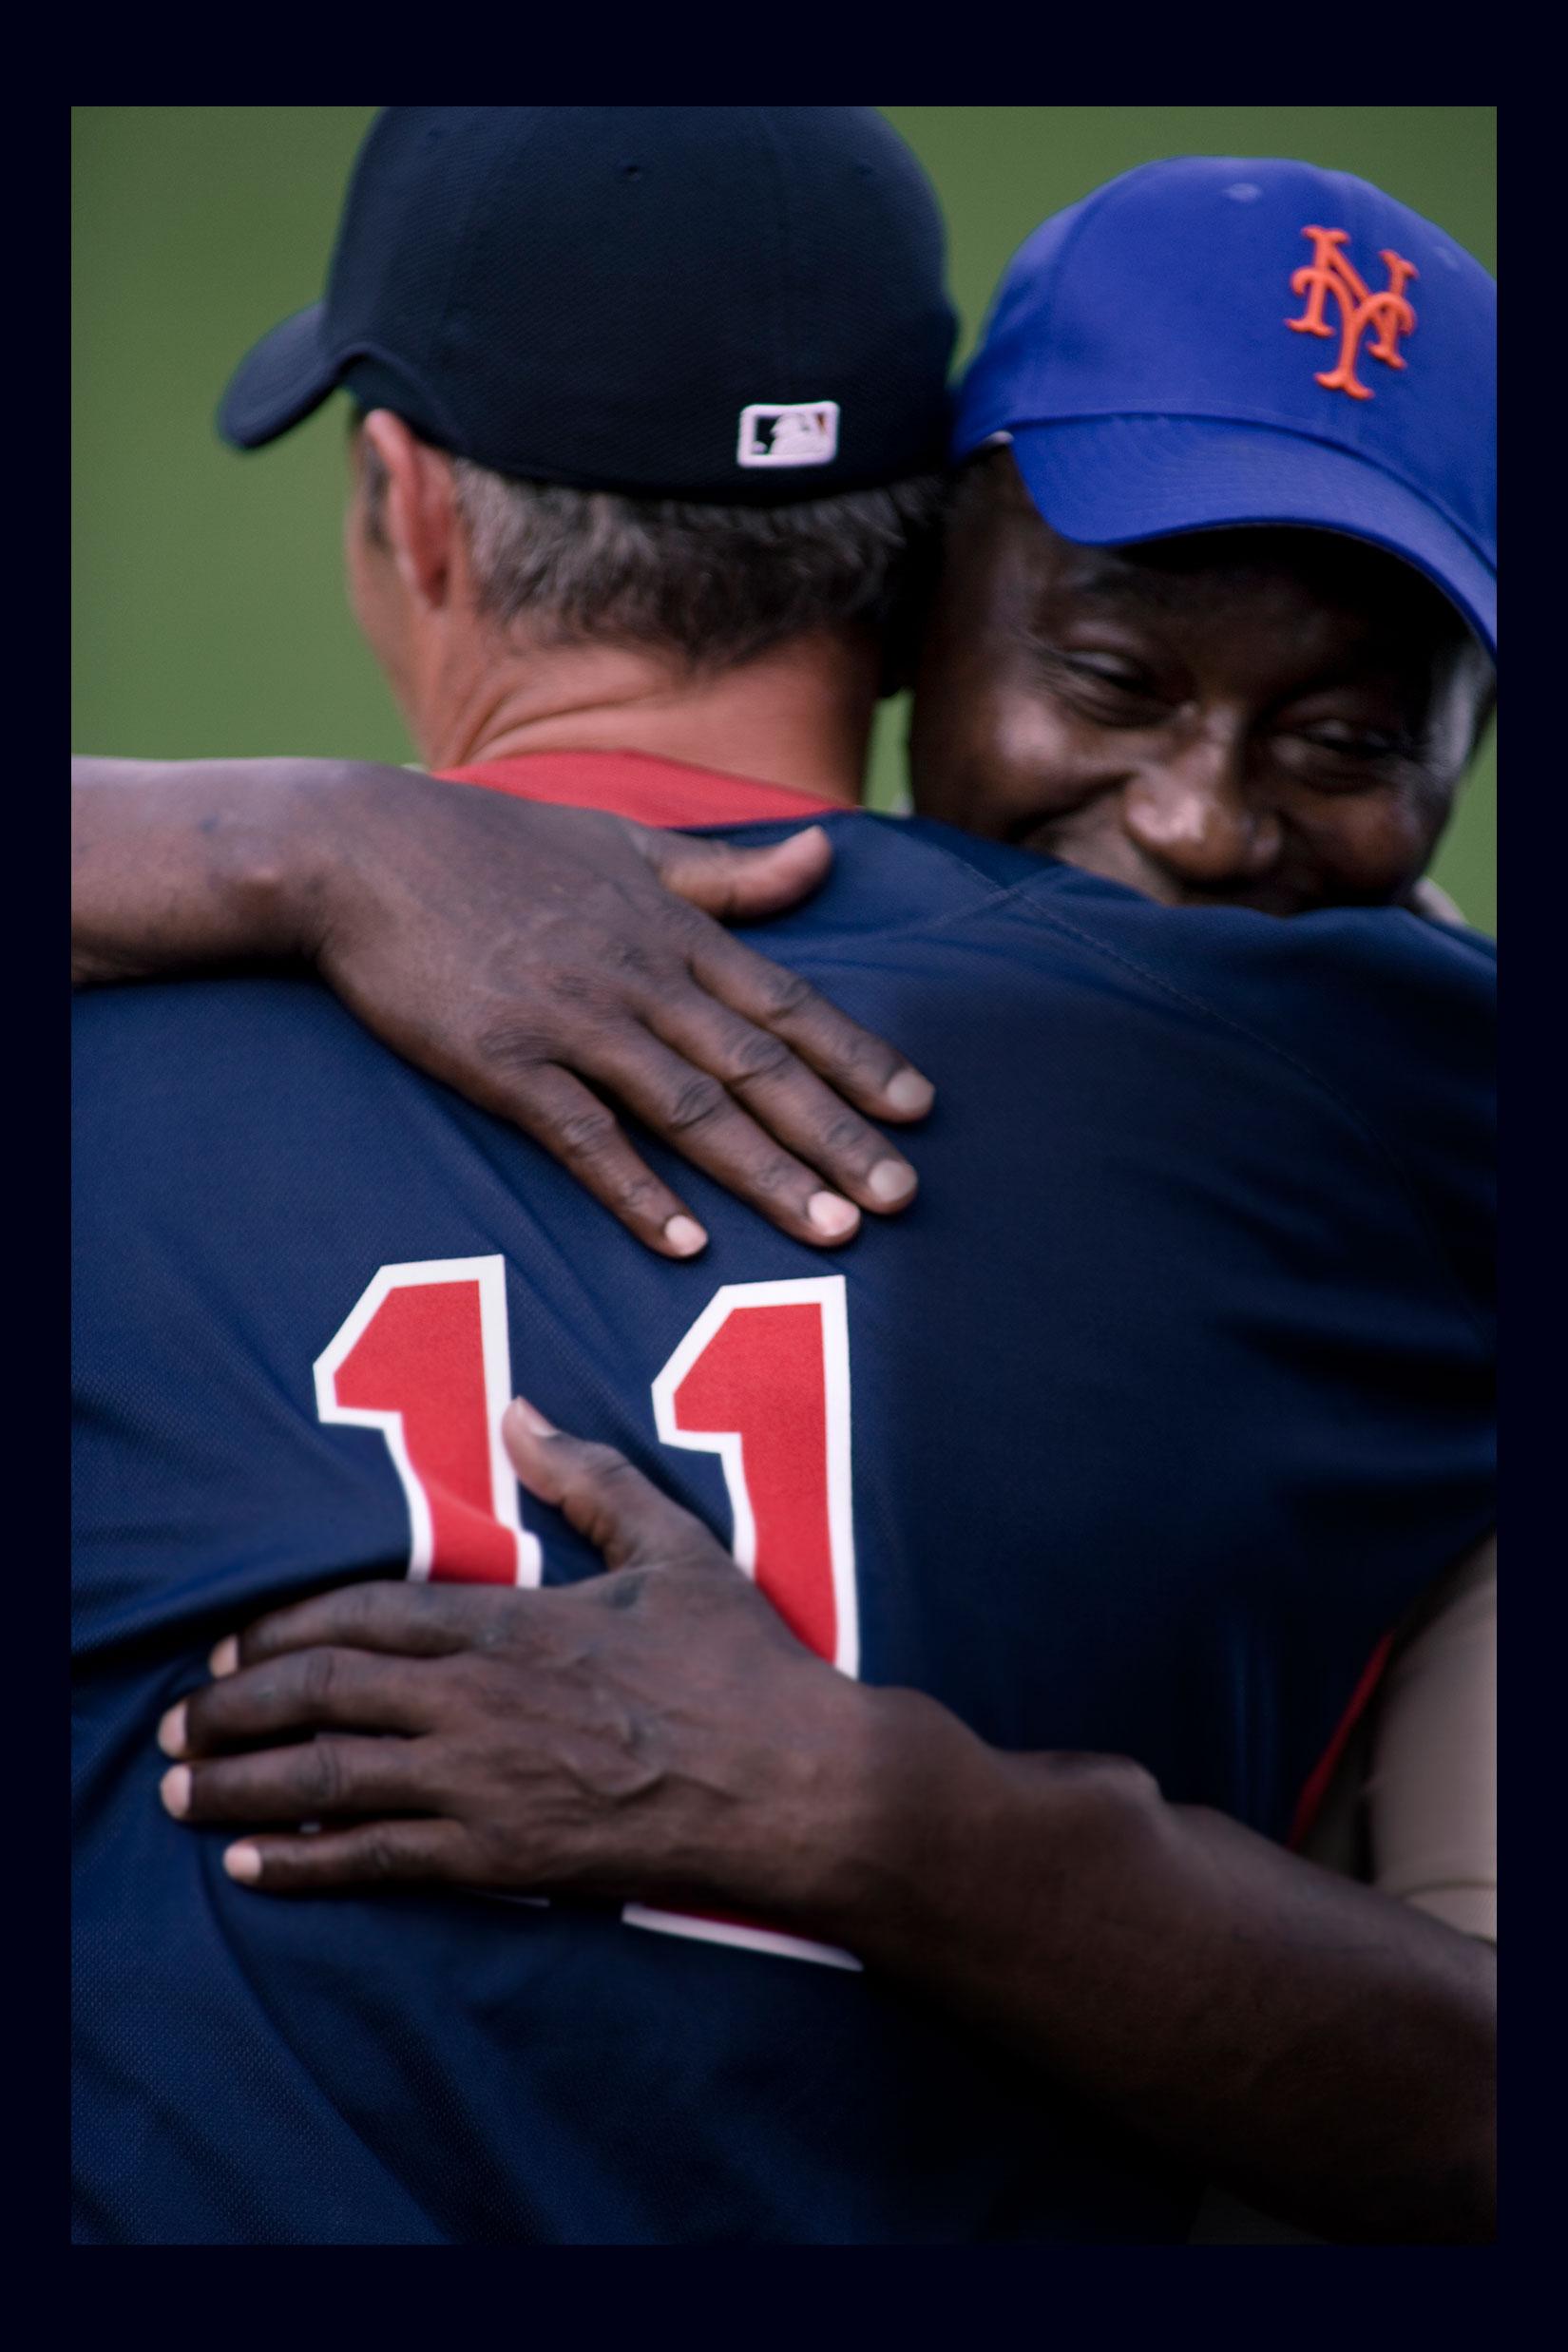 Mets El Papi hugs Red Sox Player